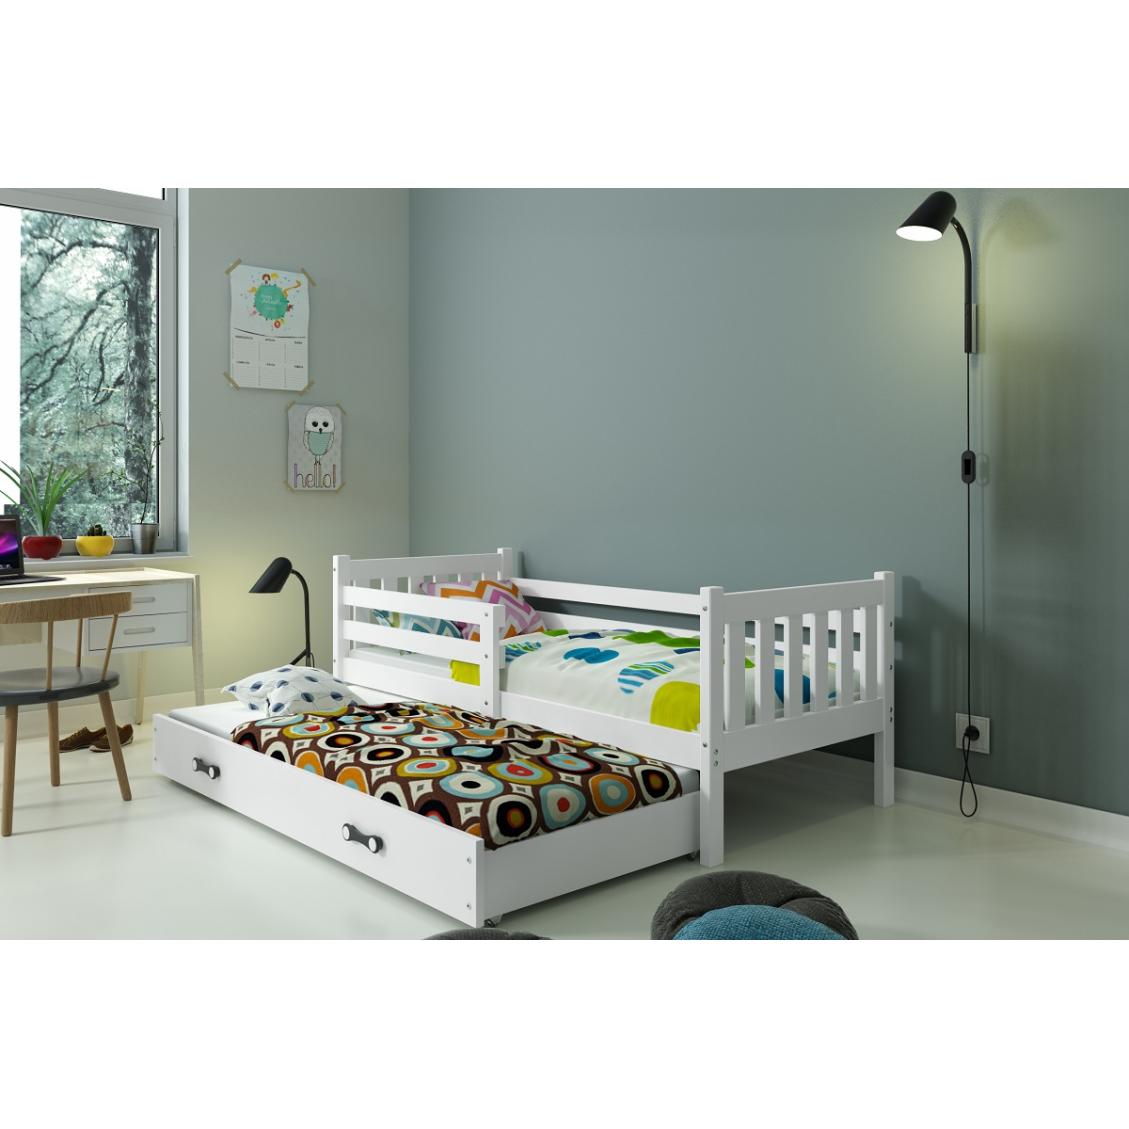 Łóżko CARINO 2 osobowe wysuwane 190 x 80 białe